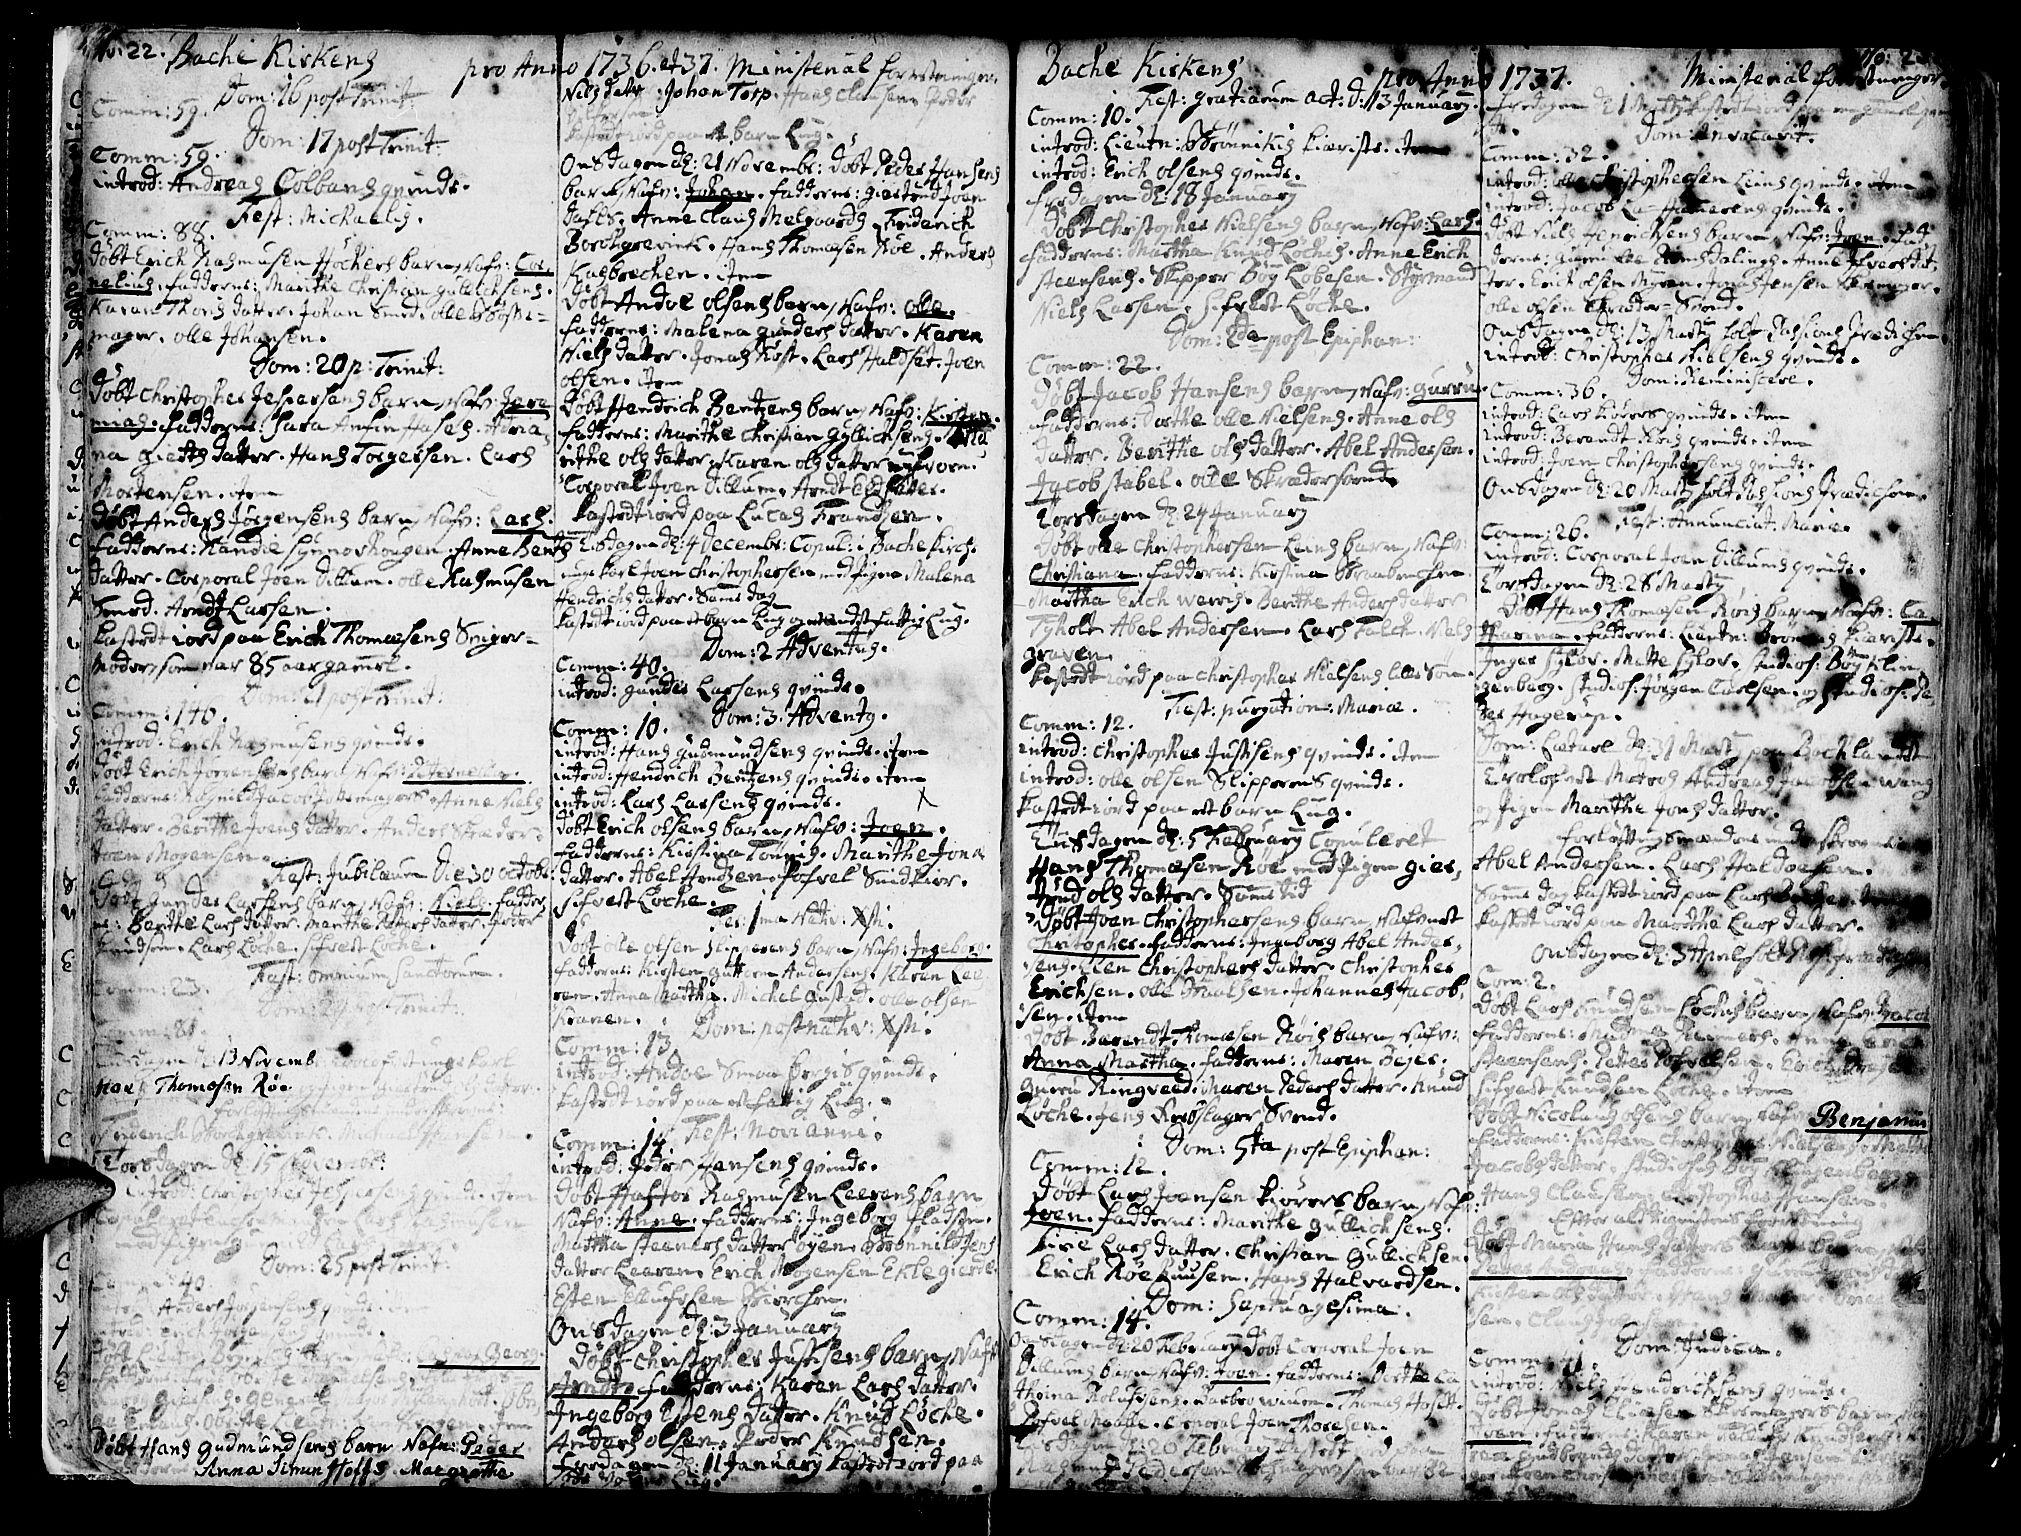 SAT, Ministerialprotokoller, klokkerbøker og fødselsregistre - Sør-Trøndelag, 606/L0276: Ministerialbok nr. 606A01 /2, 1727-1779, s. 22-23